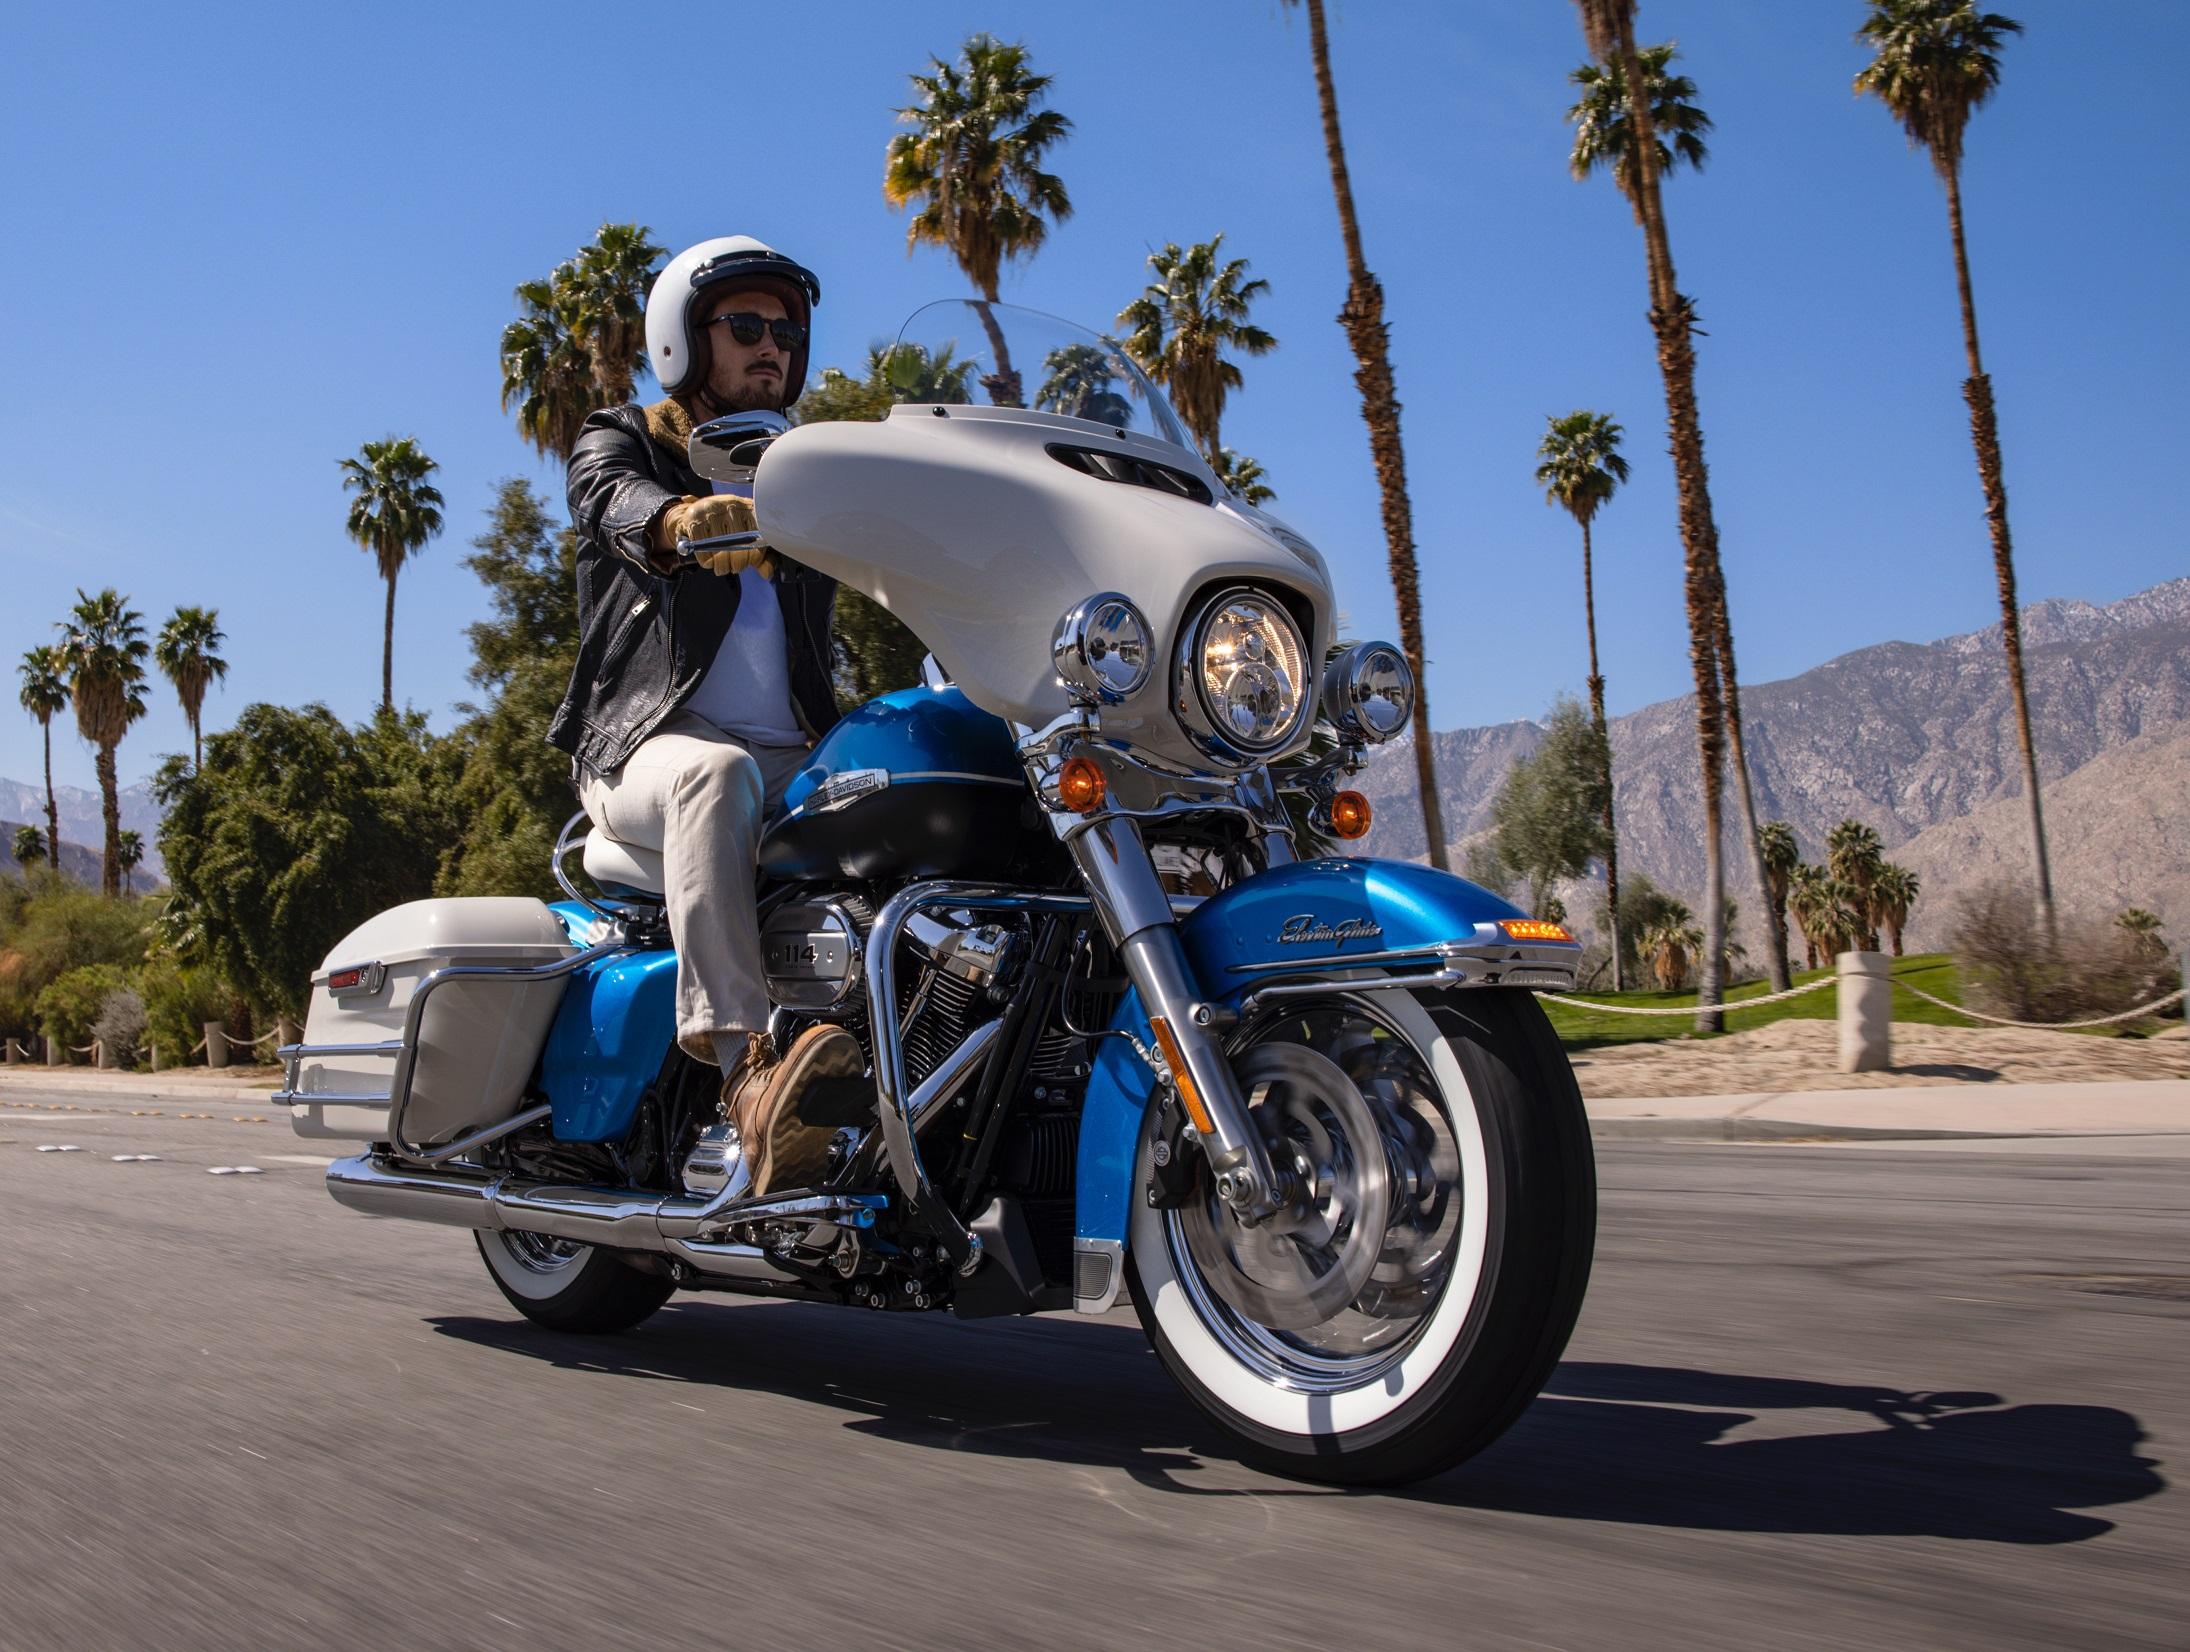 2. Harley Davidson Electra Glide Revival